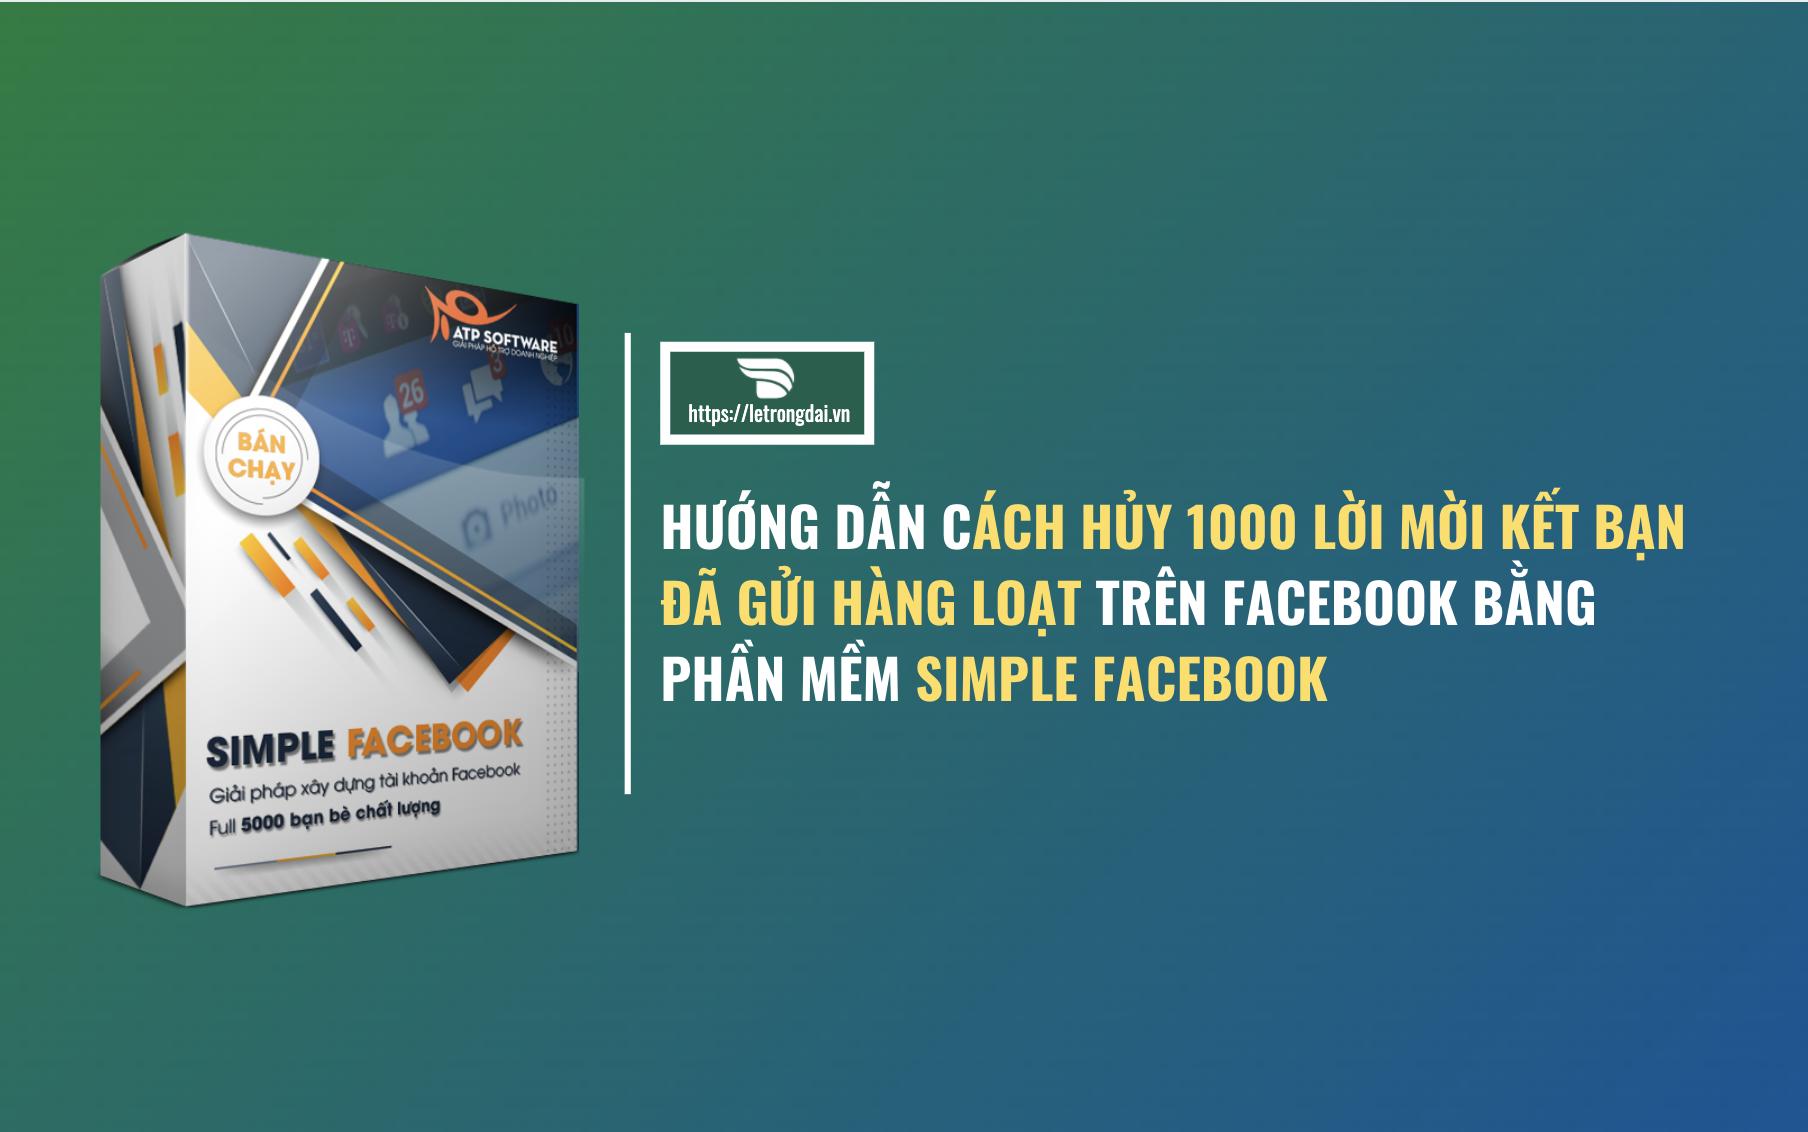 Cách Hủy 1000 Lời Mời Kết Bạn Hàng Loạt Trên Facebook 2020